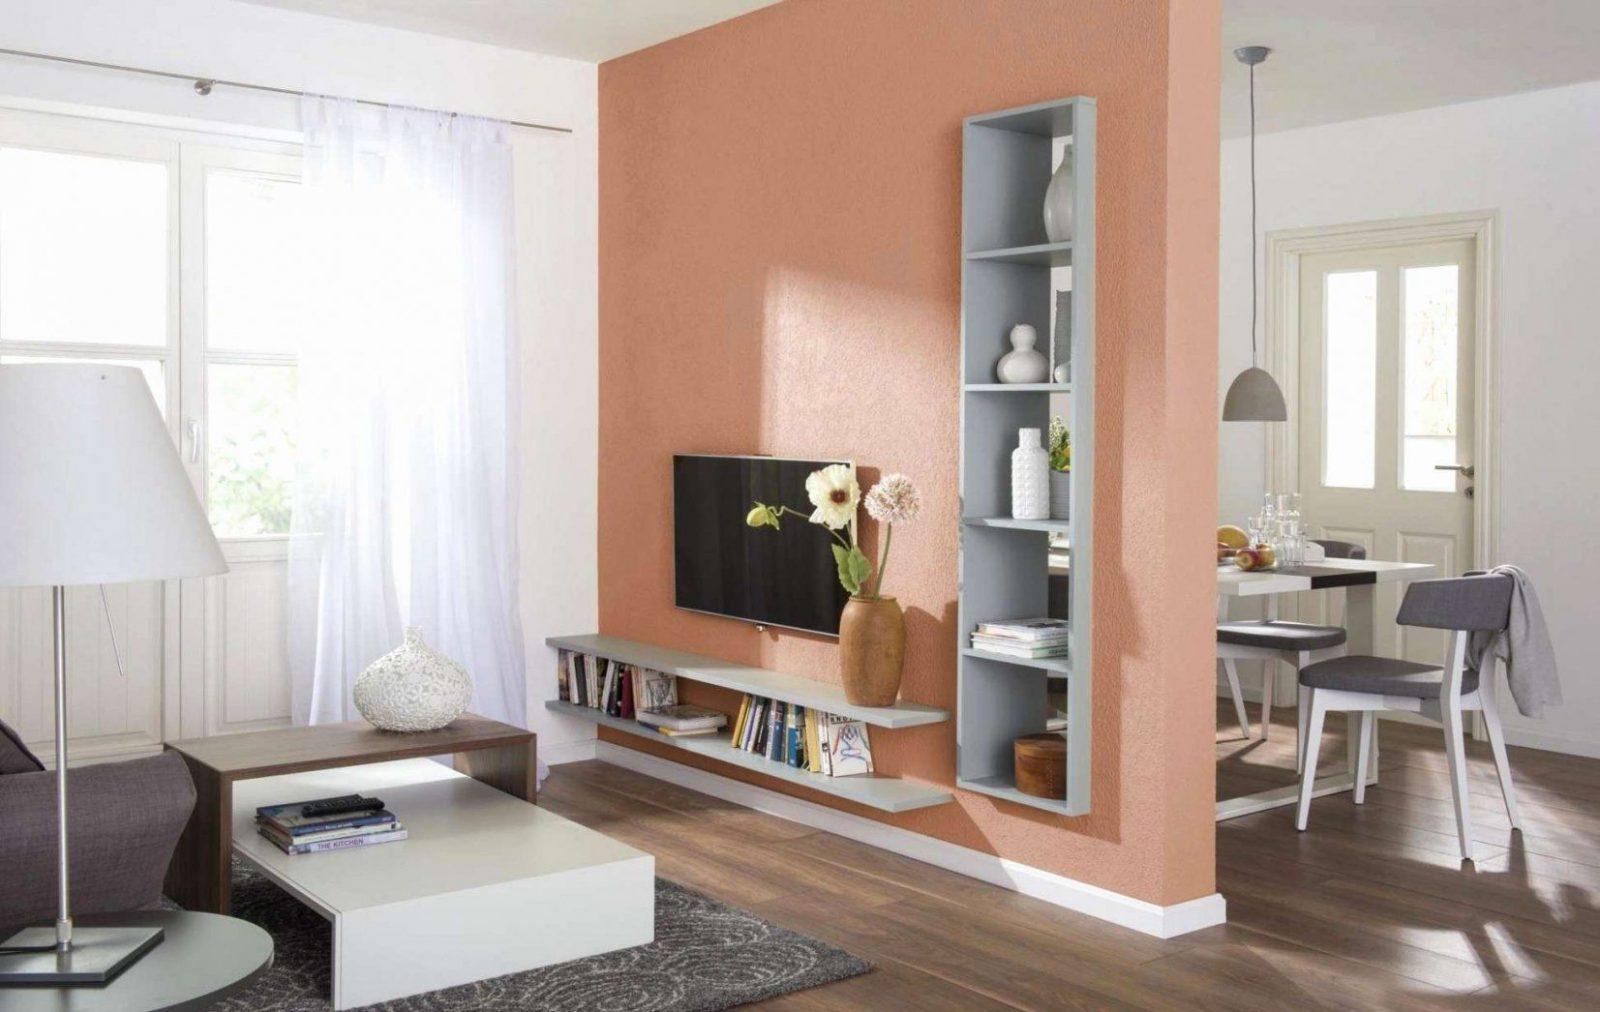 Wohnzimmer Einrichten Ideen Fresh 33 Wohnzimmer Neu Gestalten Tipps von Wohnzimmer Neu Gestalten Tipps Photo